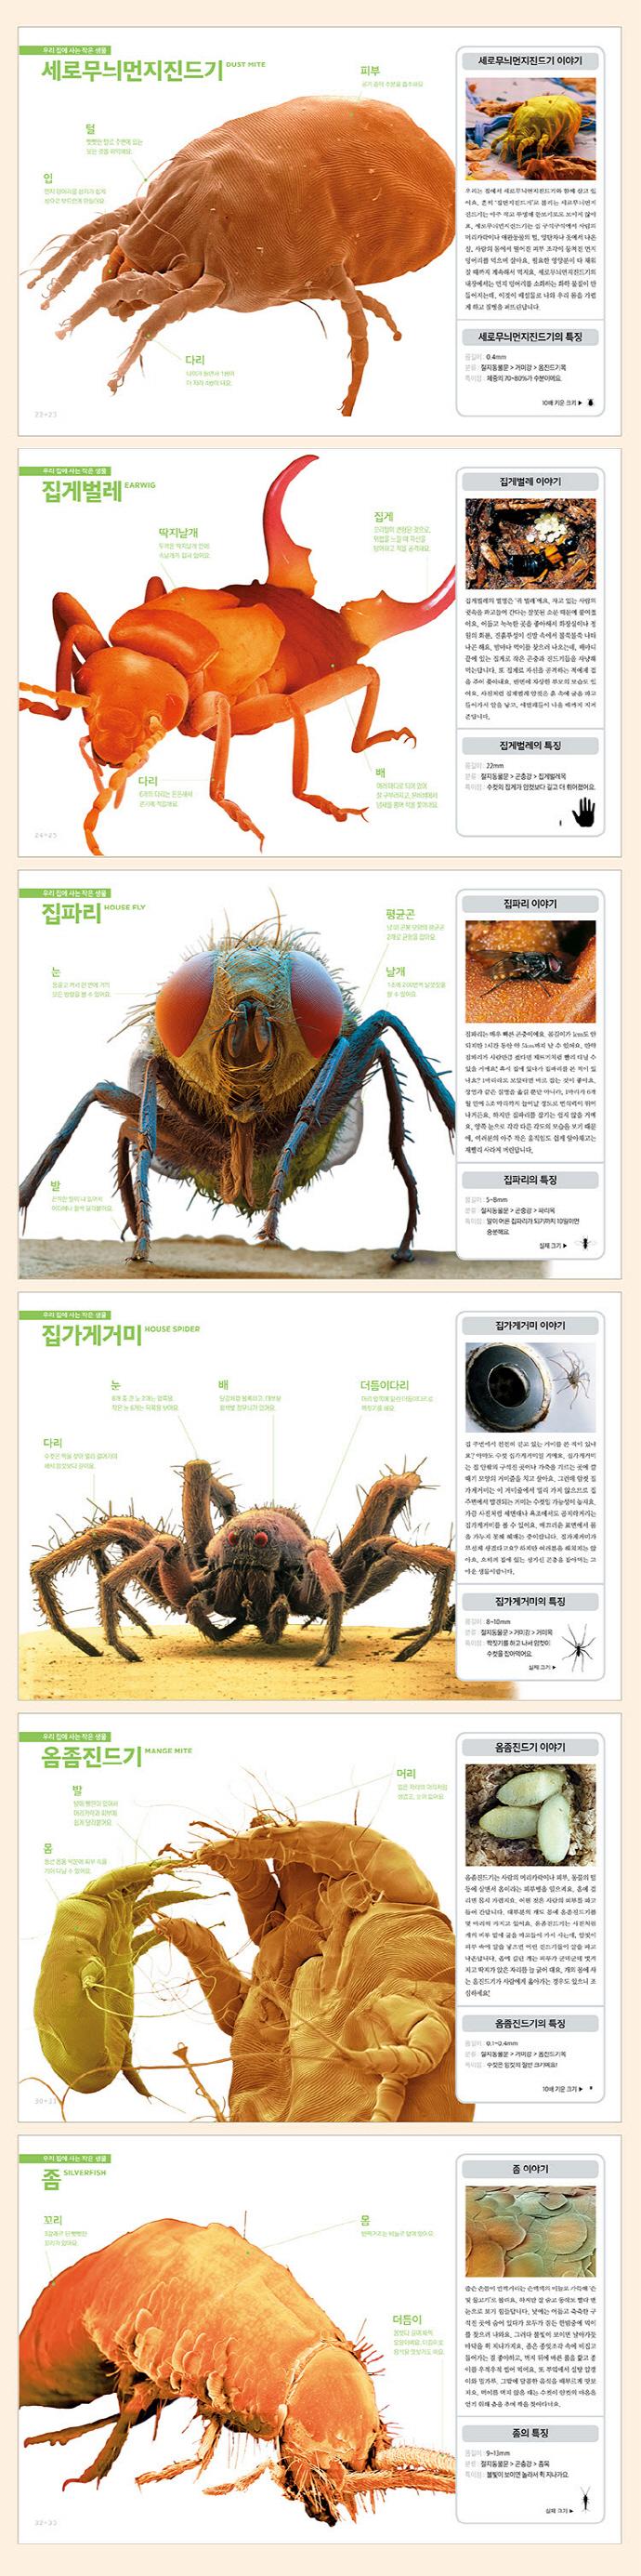 진짜 진짜 재밌는 작은 생물 그림책(그림으로 배우는 신기한 지식백과)(양장본 HardCover) 도서 상세이미지